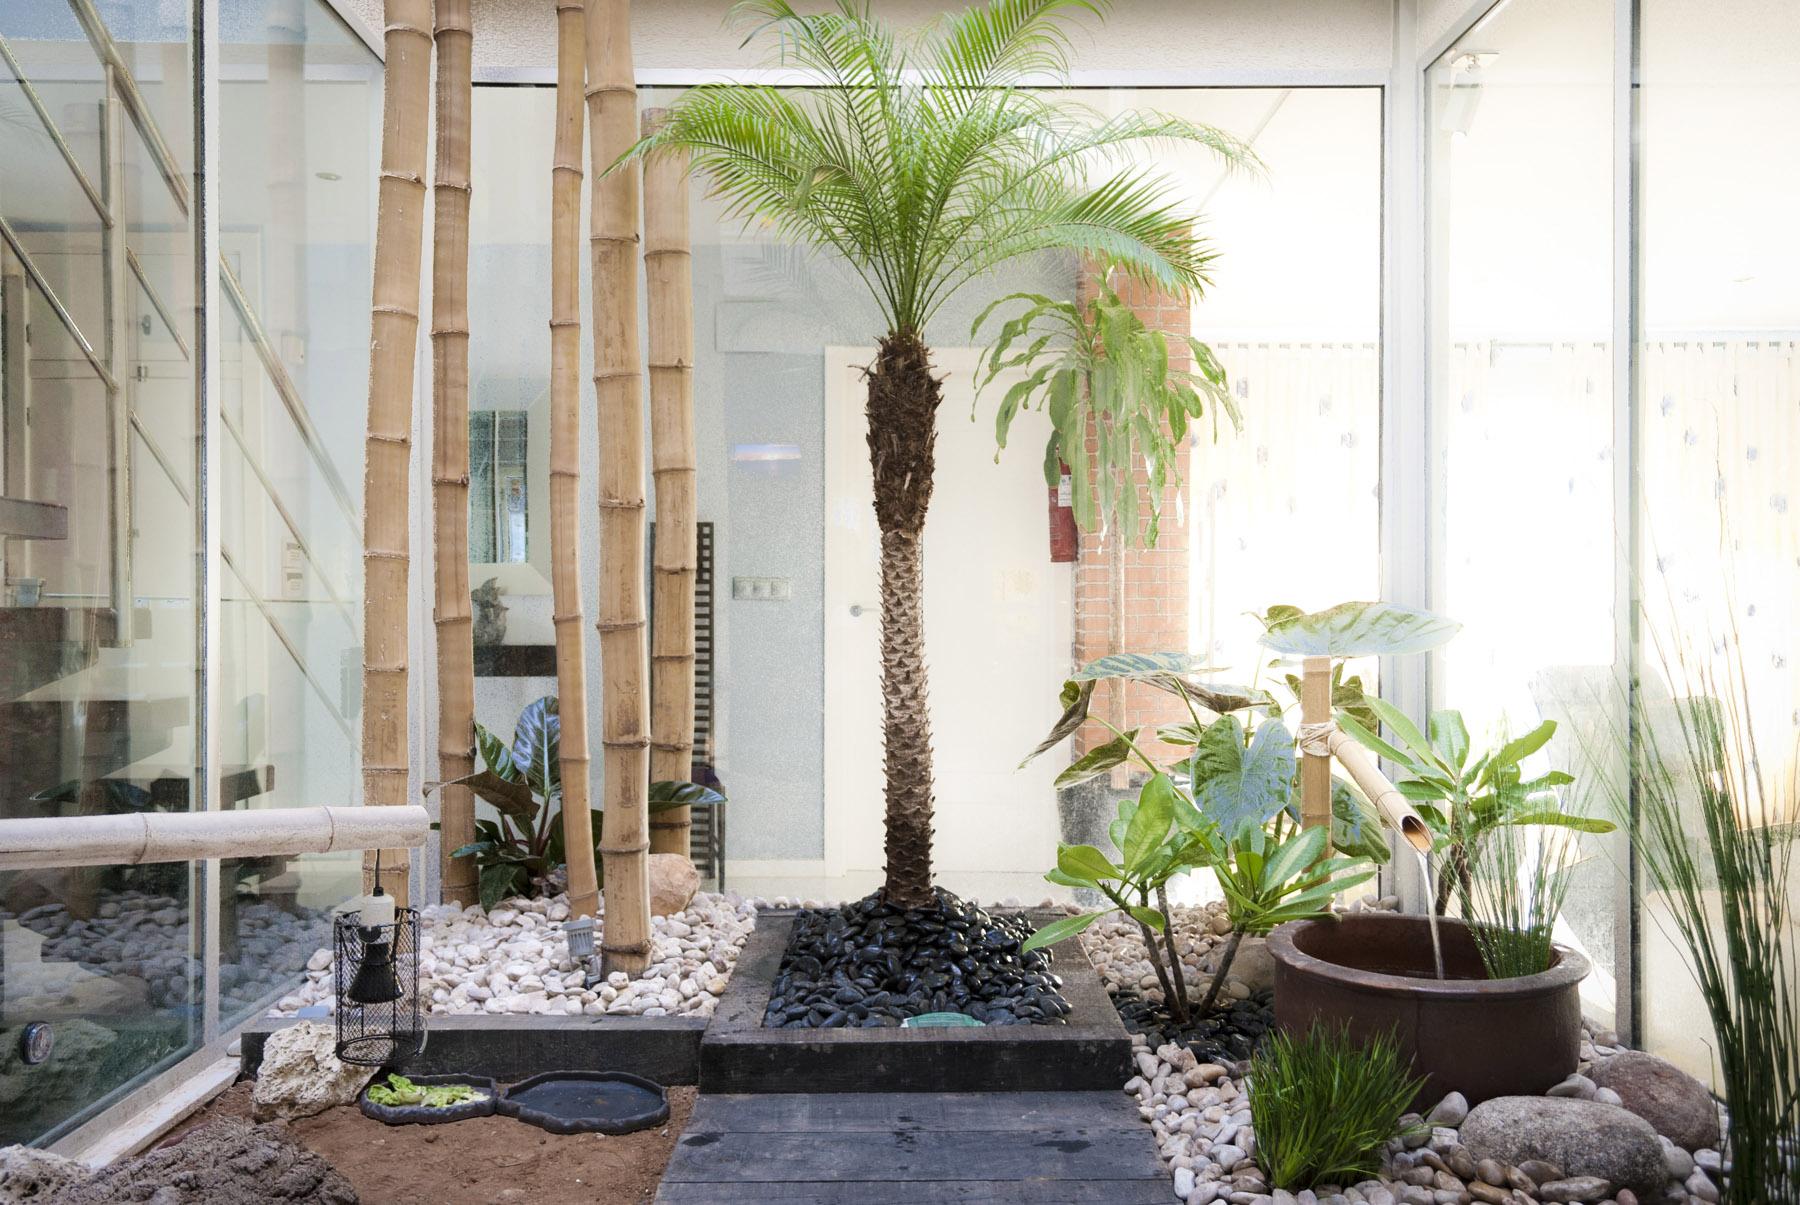 Terrario para tortugas en patio interior jard n japon s - Plantas para jardin zen ...